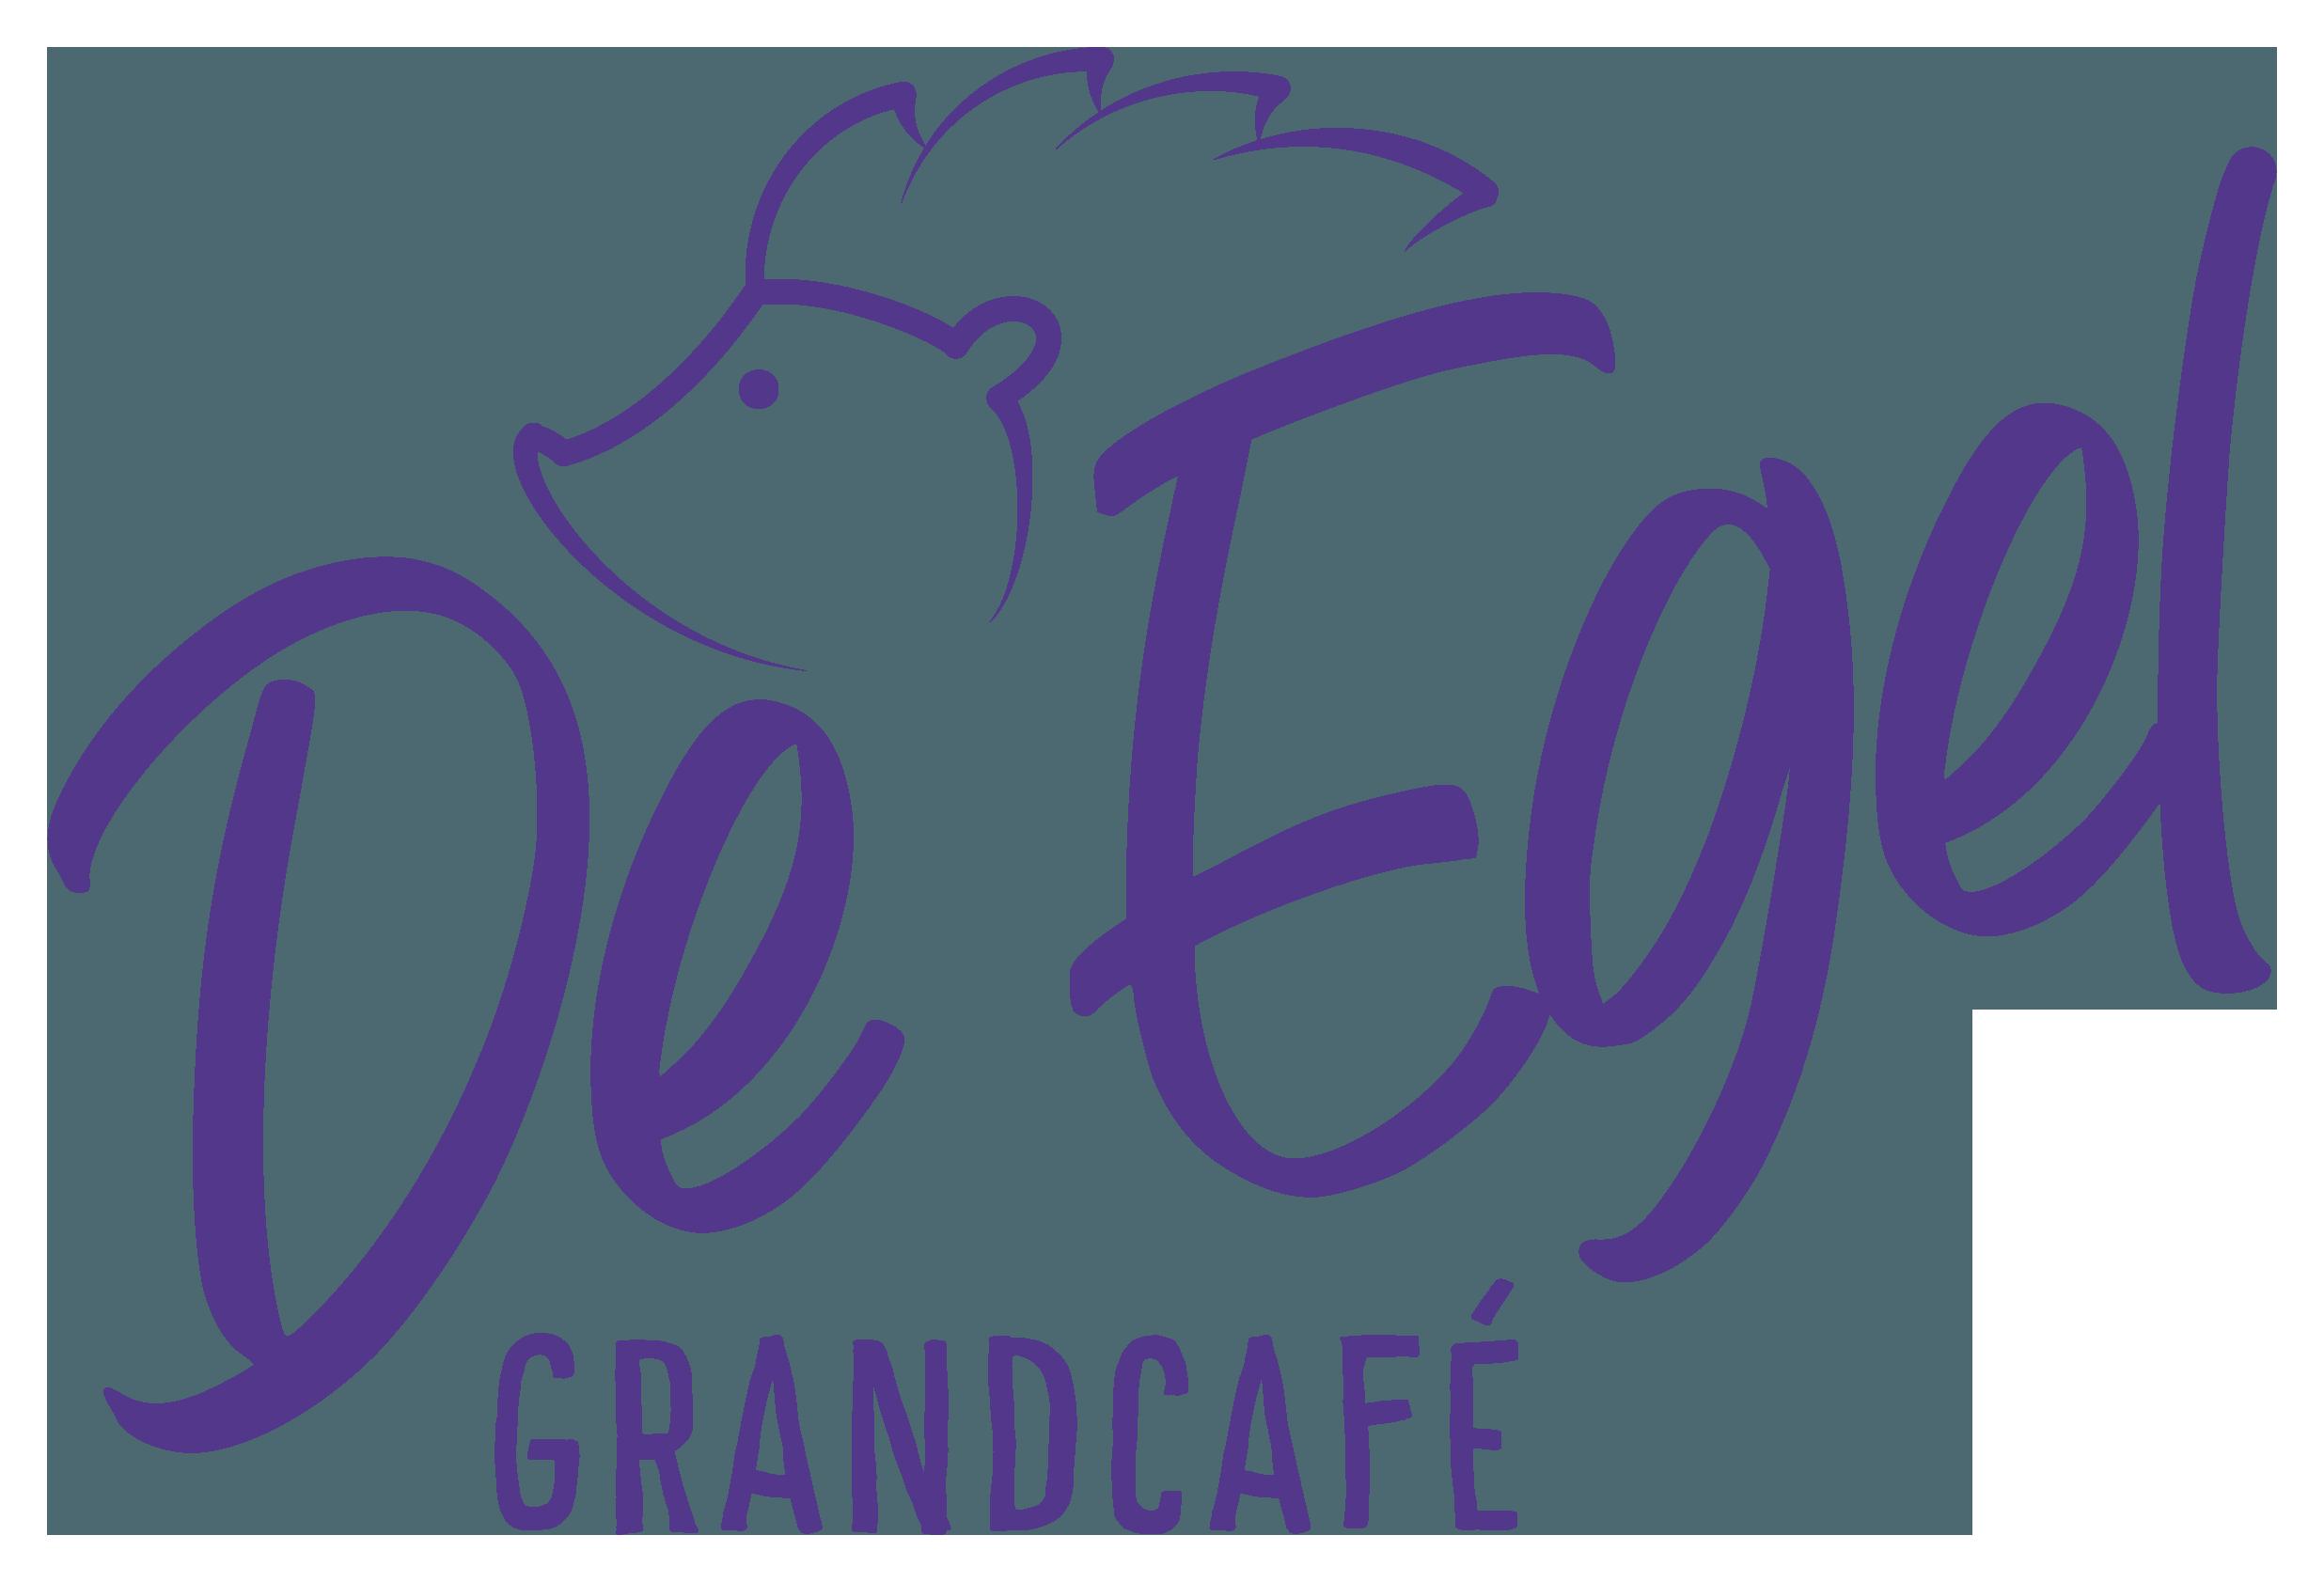 Grand Café de Egel